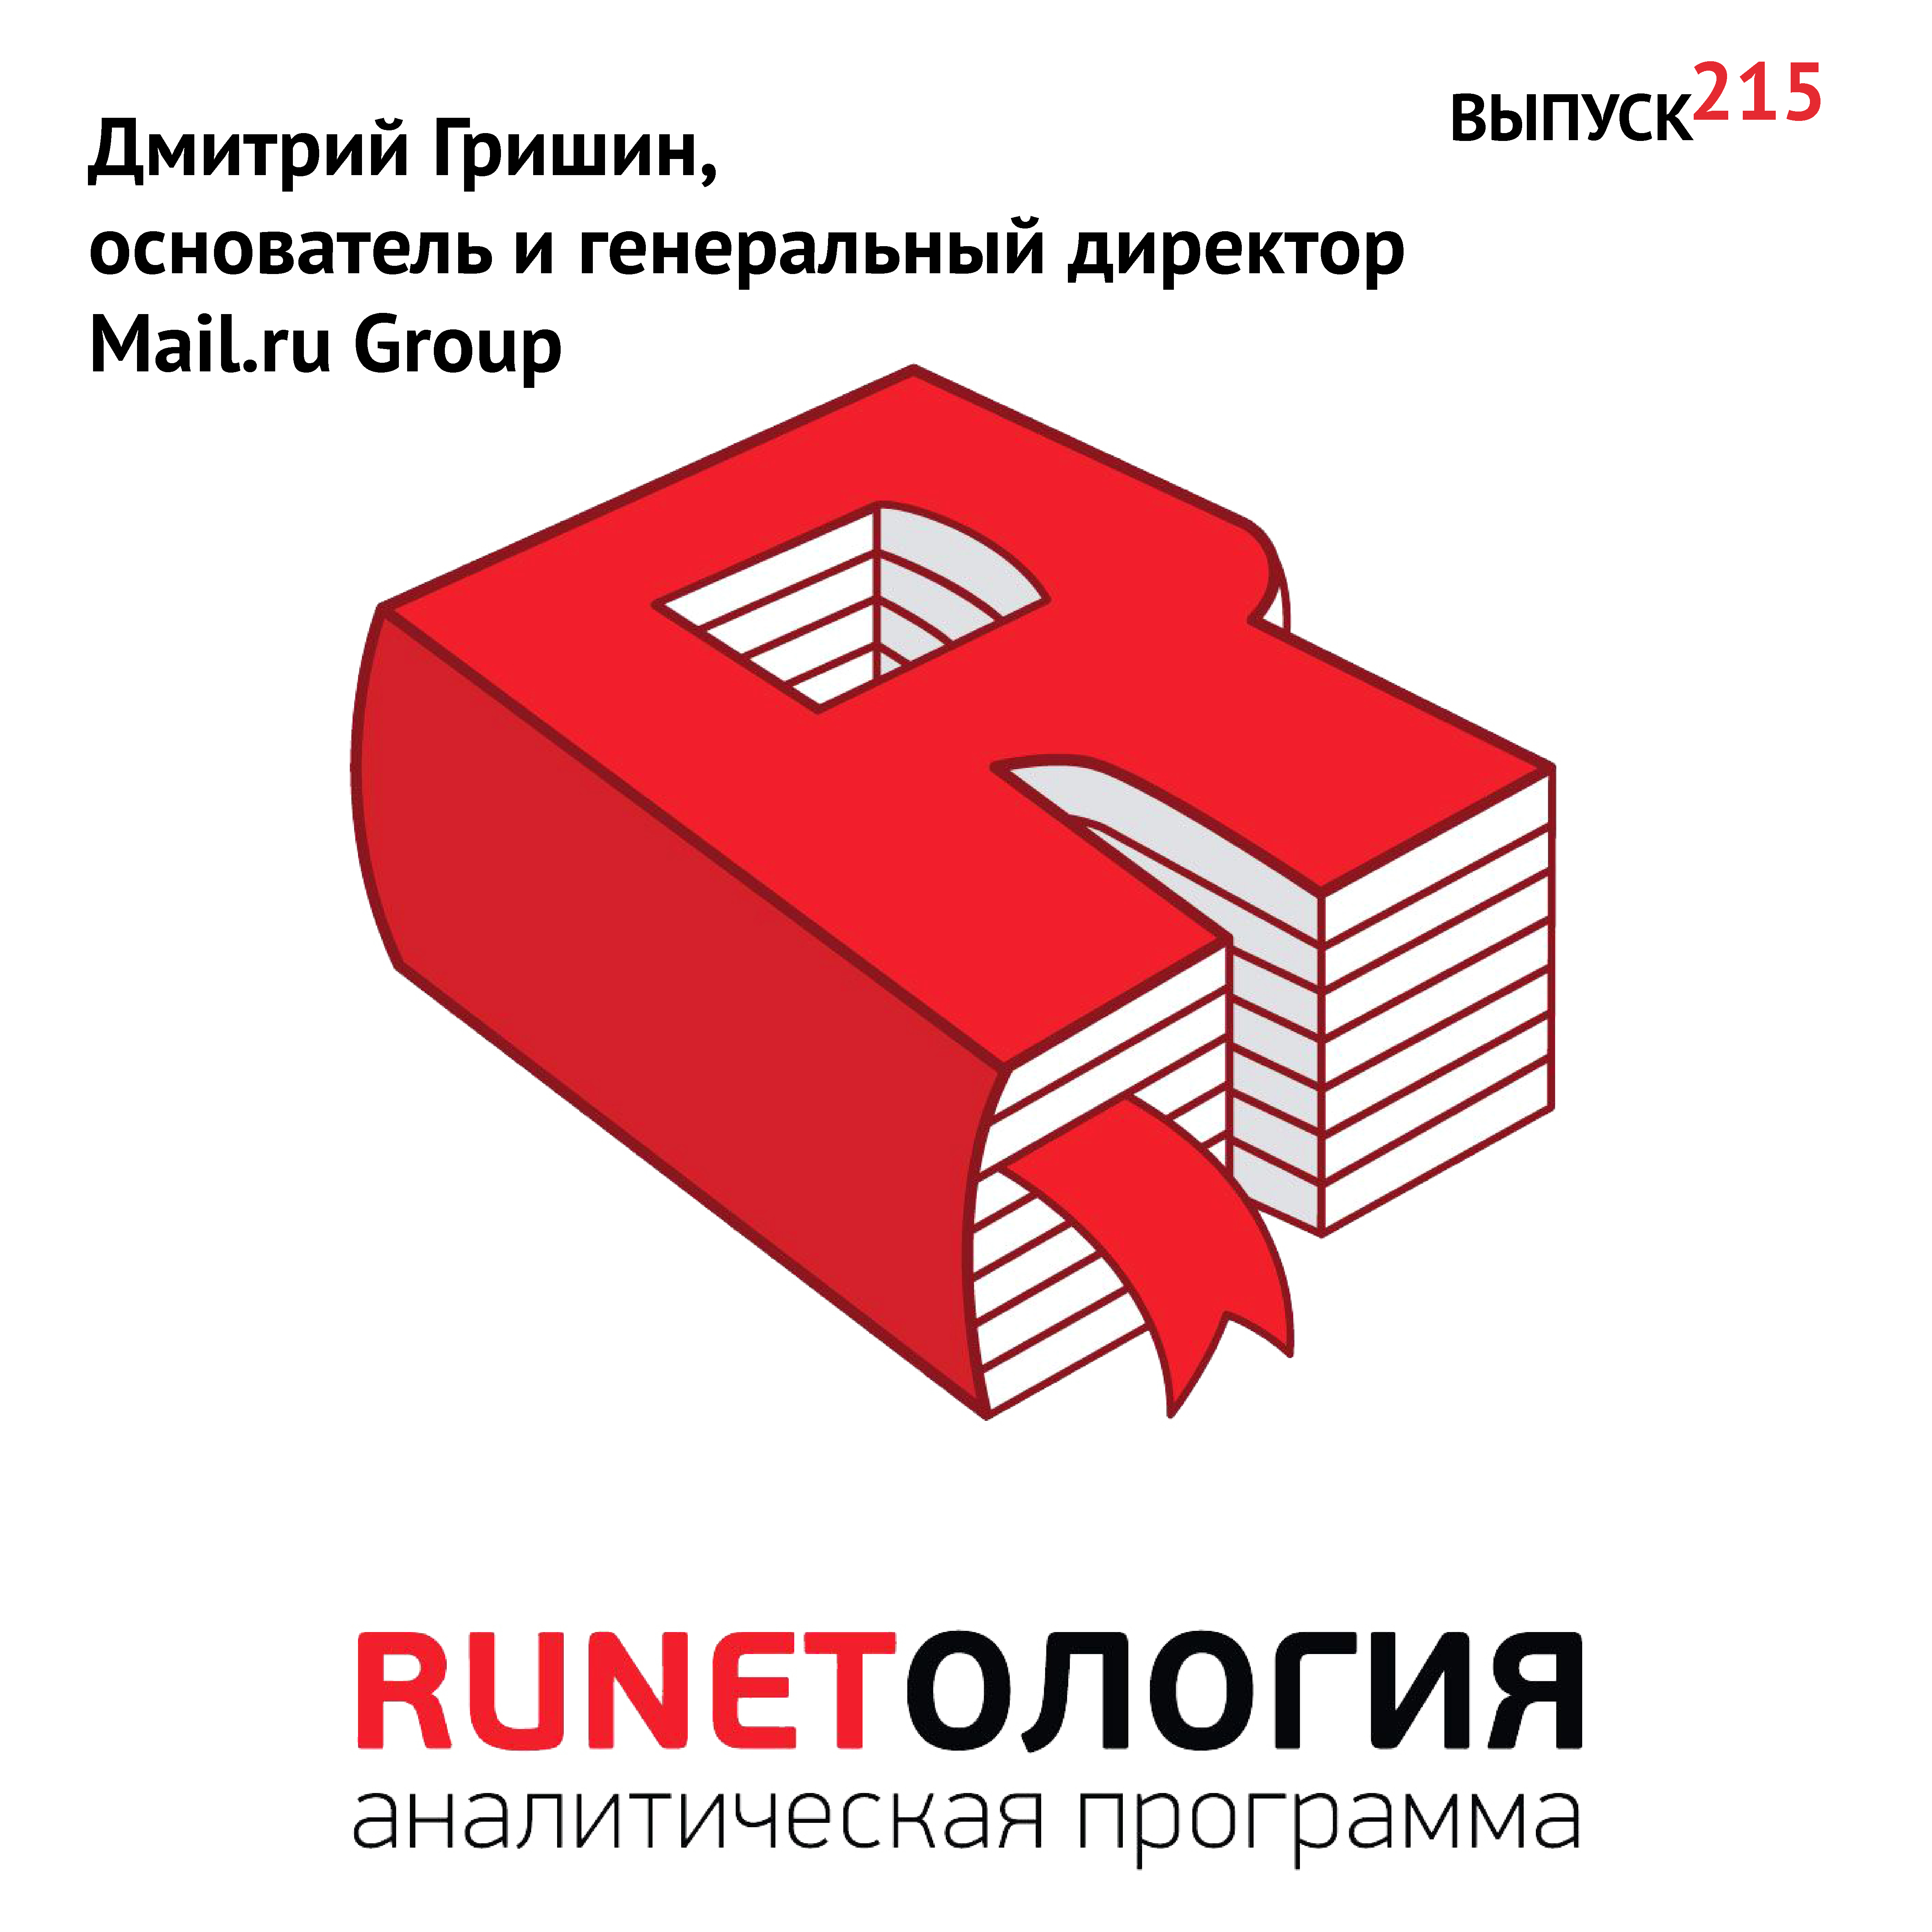 Максим Спиридонов Дмитрий Гришин, основатель и генеральный директор Mail.ru Group